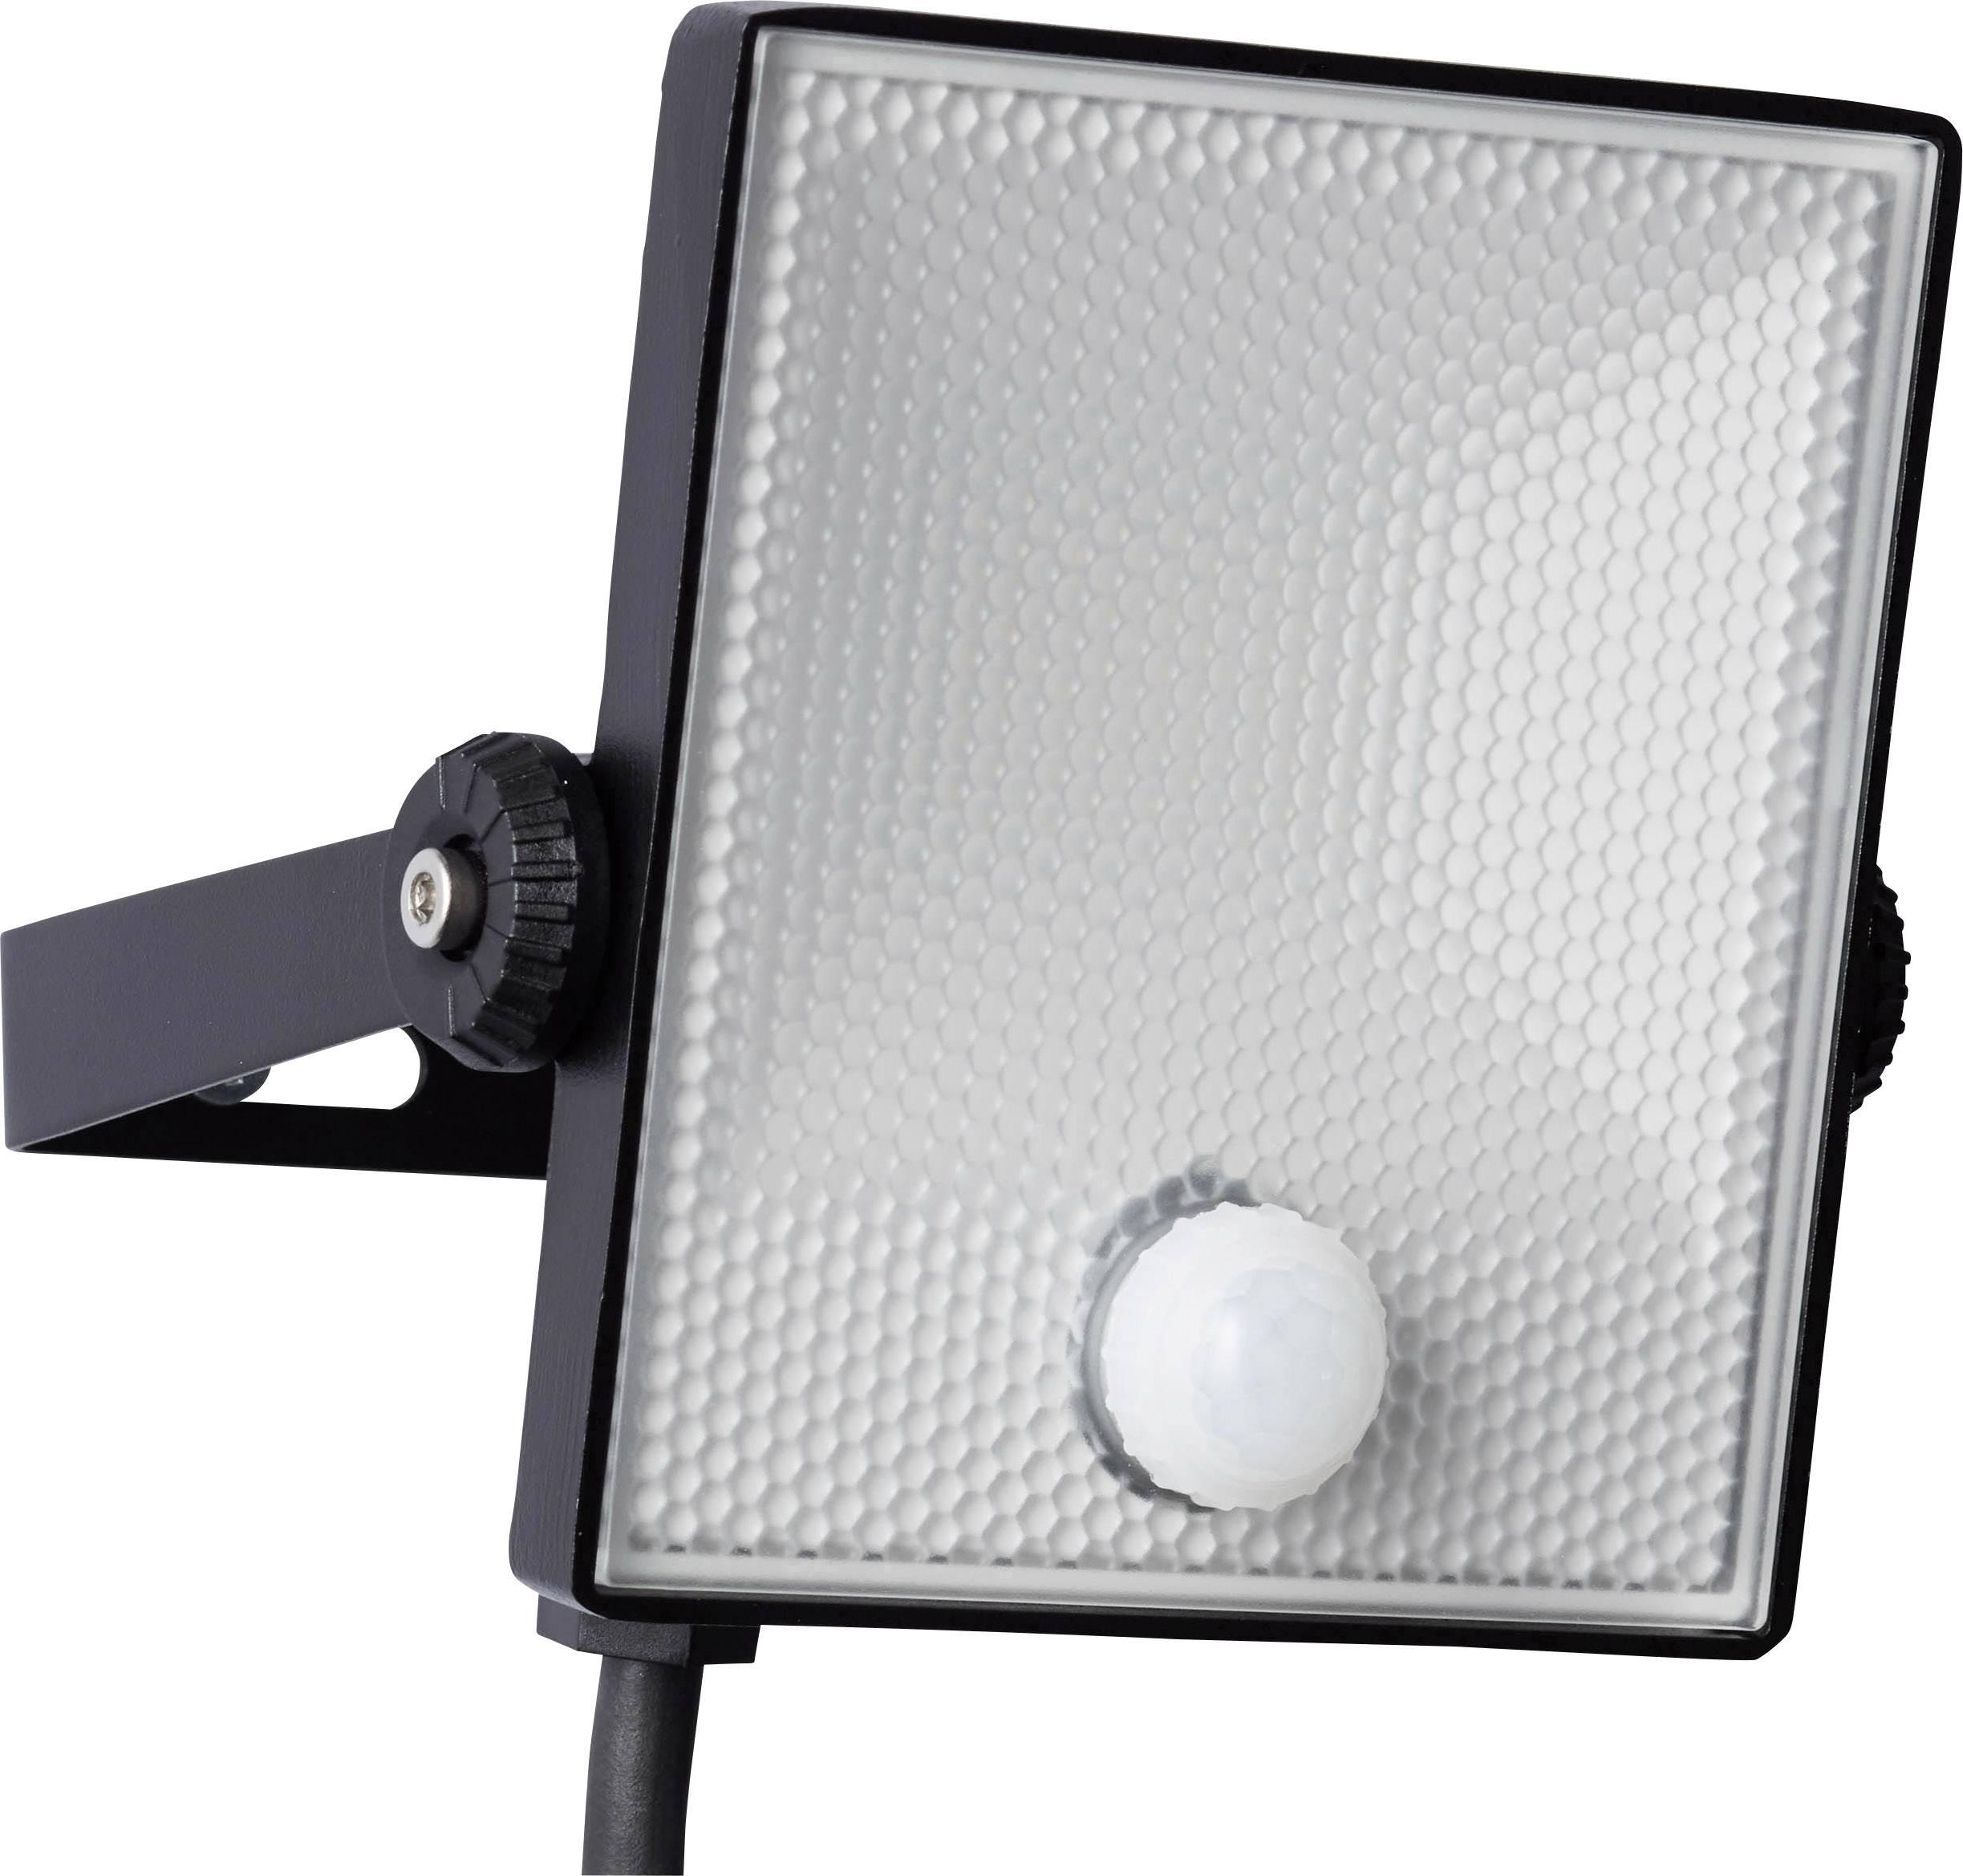 Venkovní LED reflektor s PIR detektorem Brilliant Dryden G96330/06, 10 W, neutrálně bílá, černá